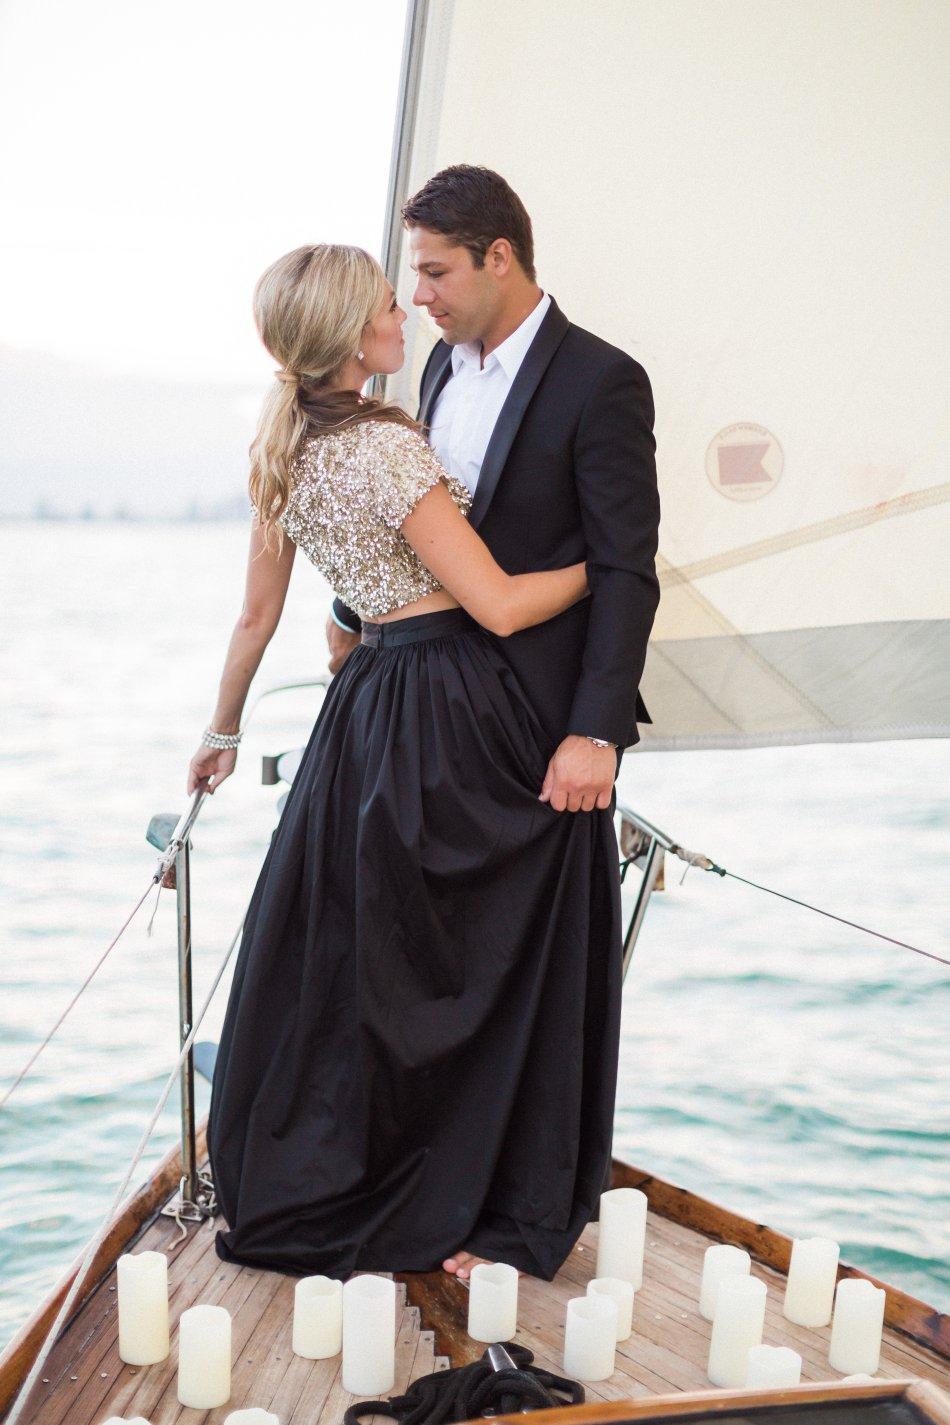 naples-luxury-sailing-engagement-photography-nautical-sailboat-engagement_1096.jpg